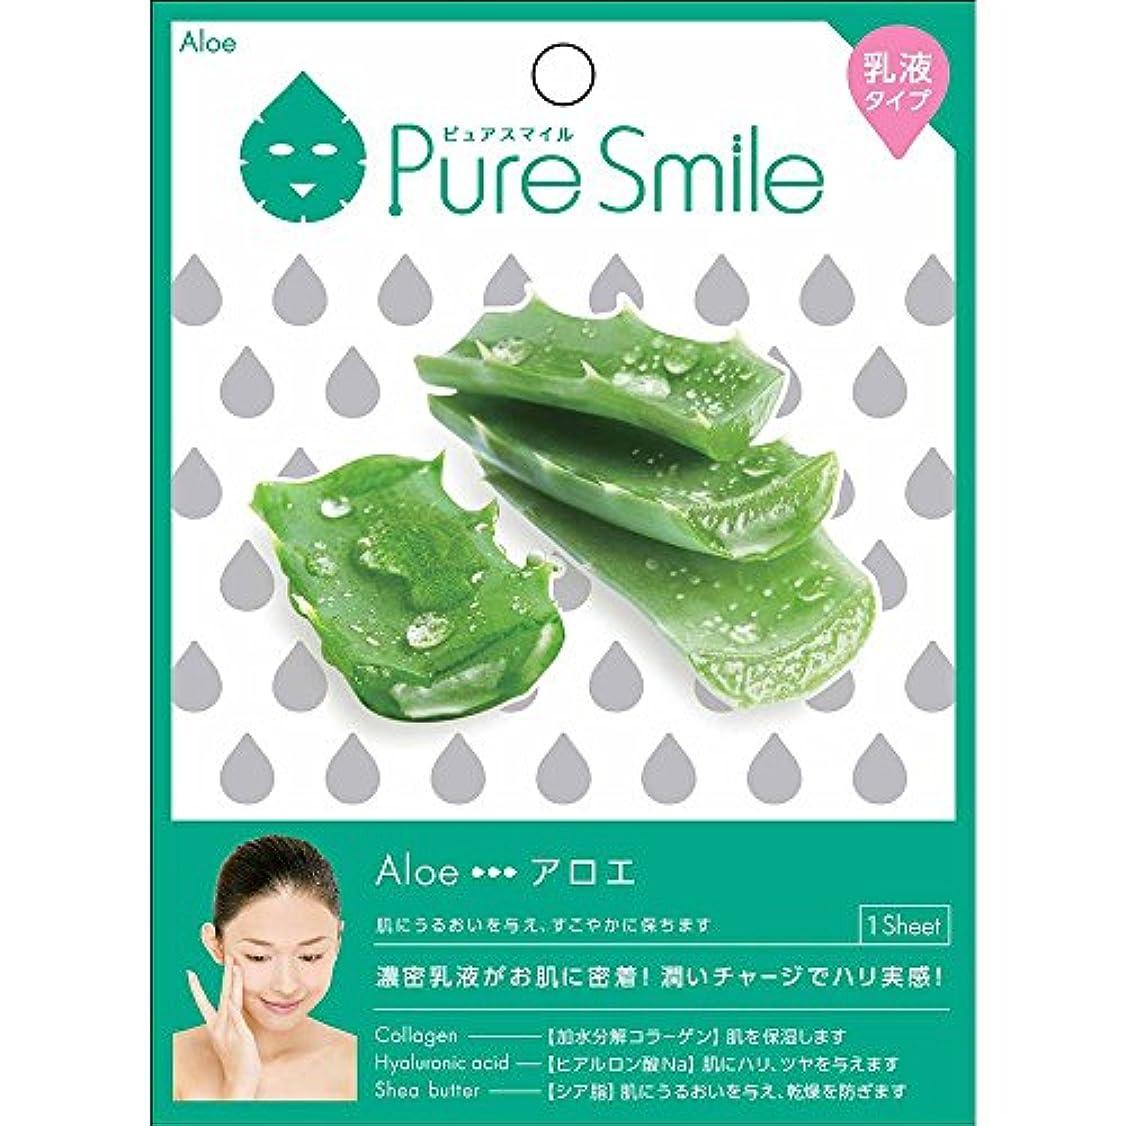 追放する肉屋件名Pure Smile(ピュアスマイル) 乳液エッセンスマスク 1 枚 アロエ